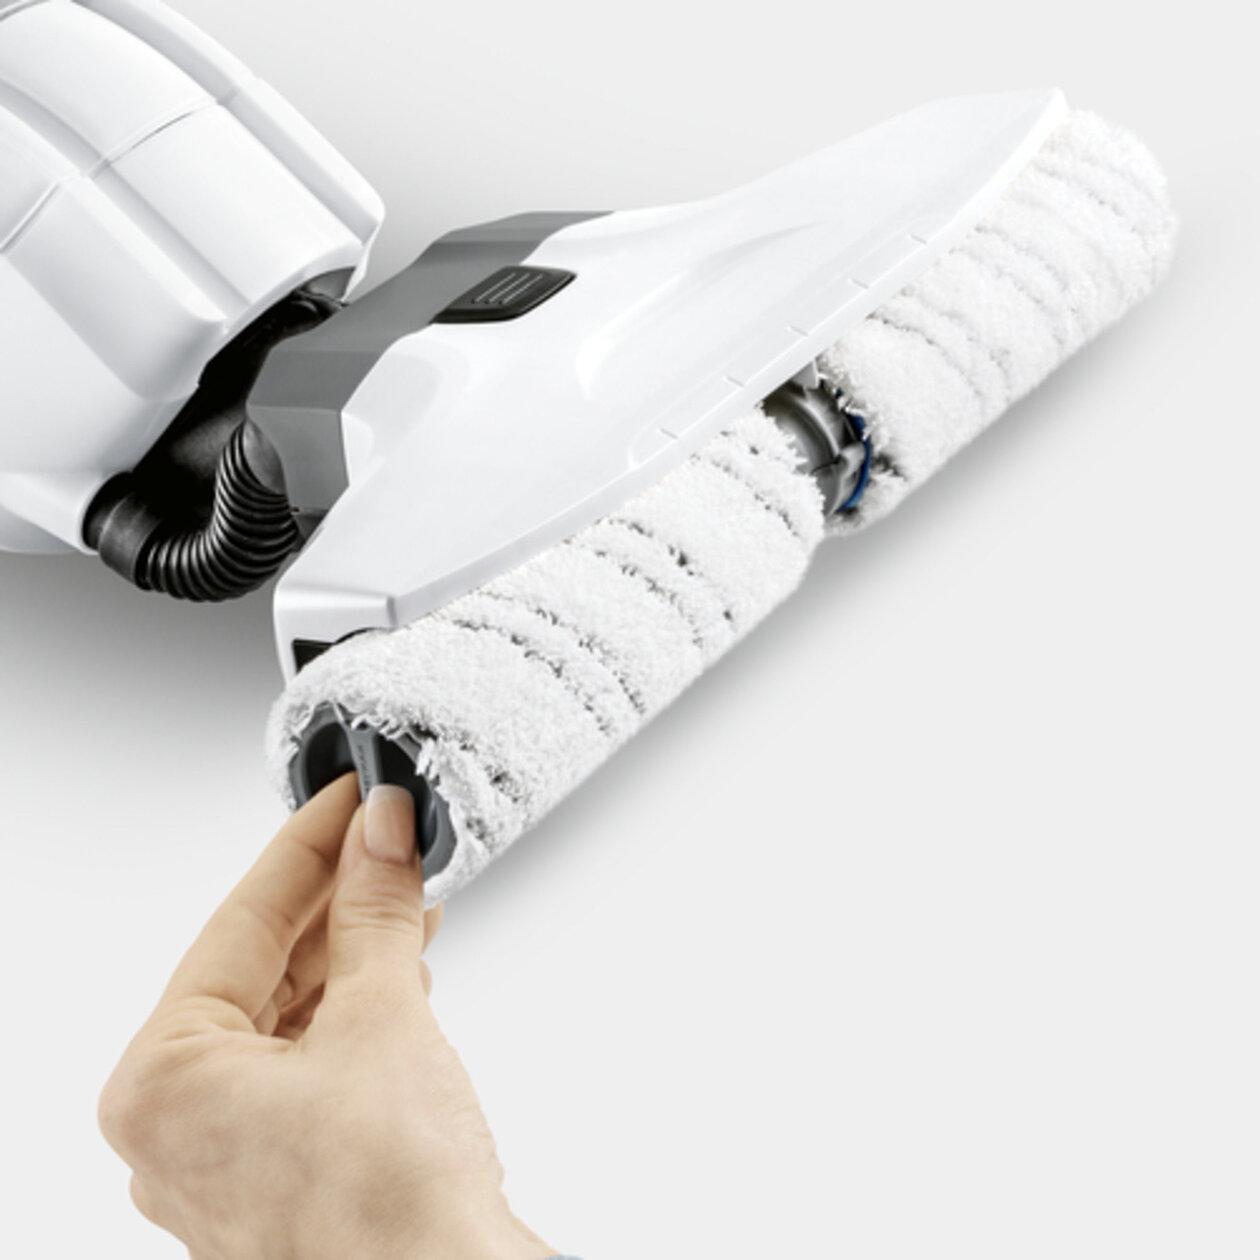 Podlahová myčka FC 5 Premium inovovaný model 2019: Kvalitní válce z mikrovláken